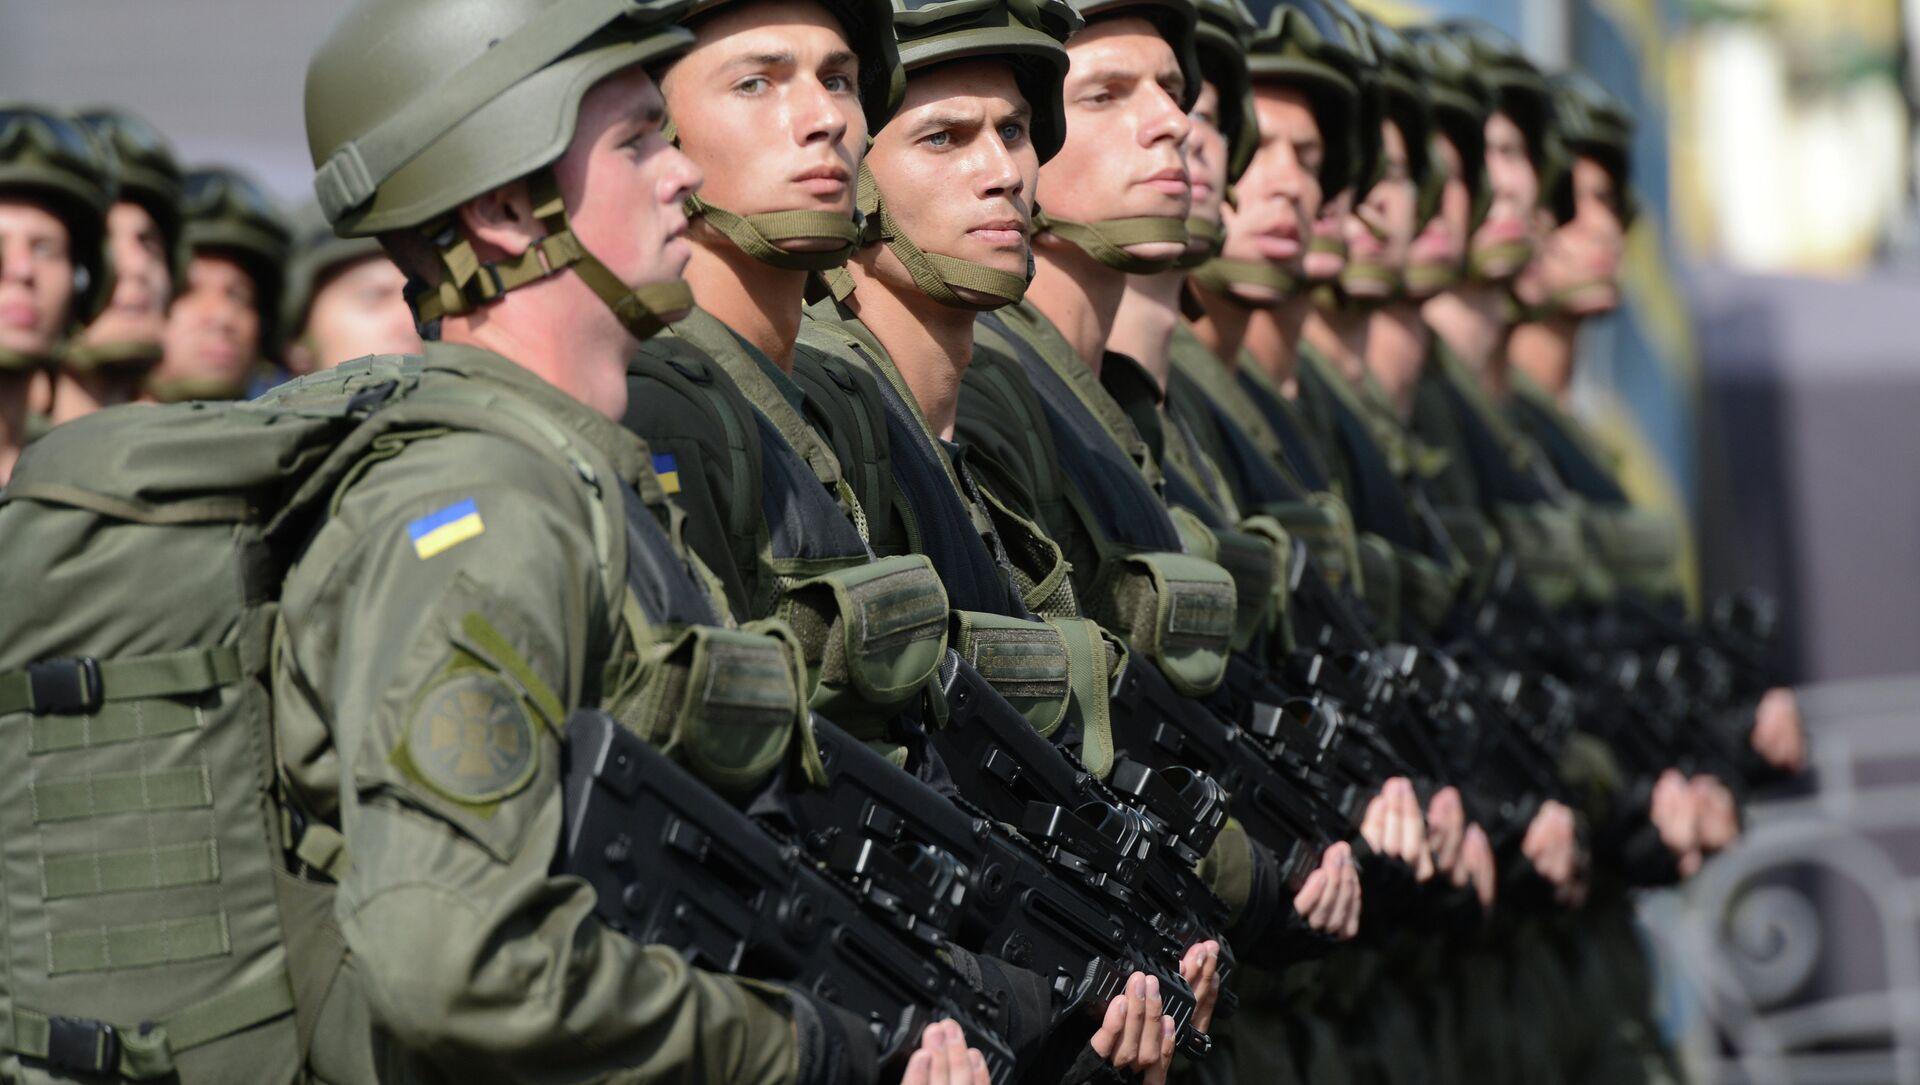 những quân nhân Ukraina - Sputnik Việt Nam, 1920, 16.06.2021